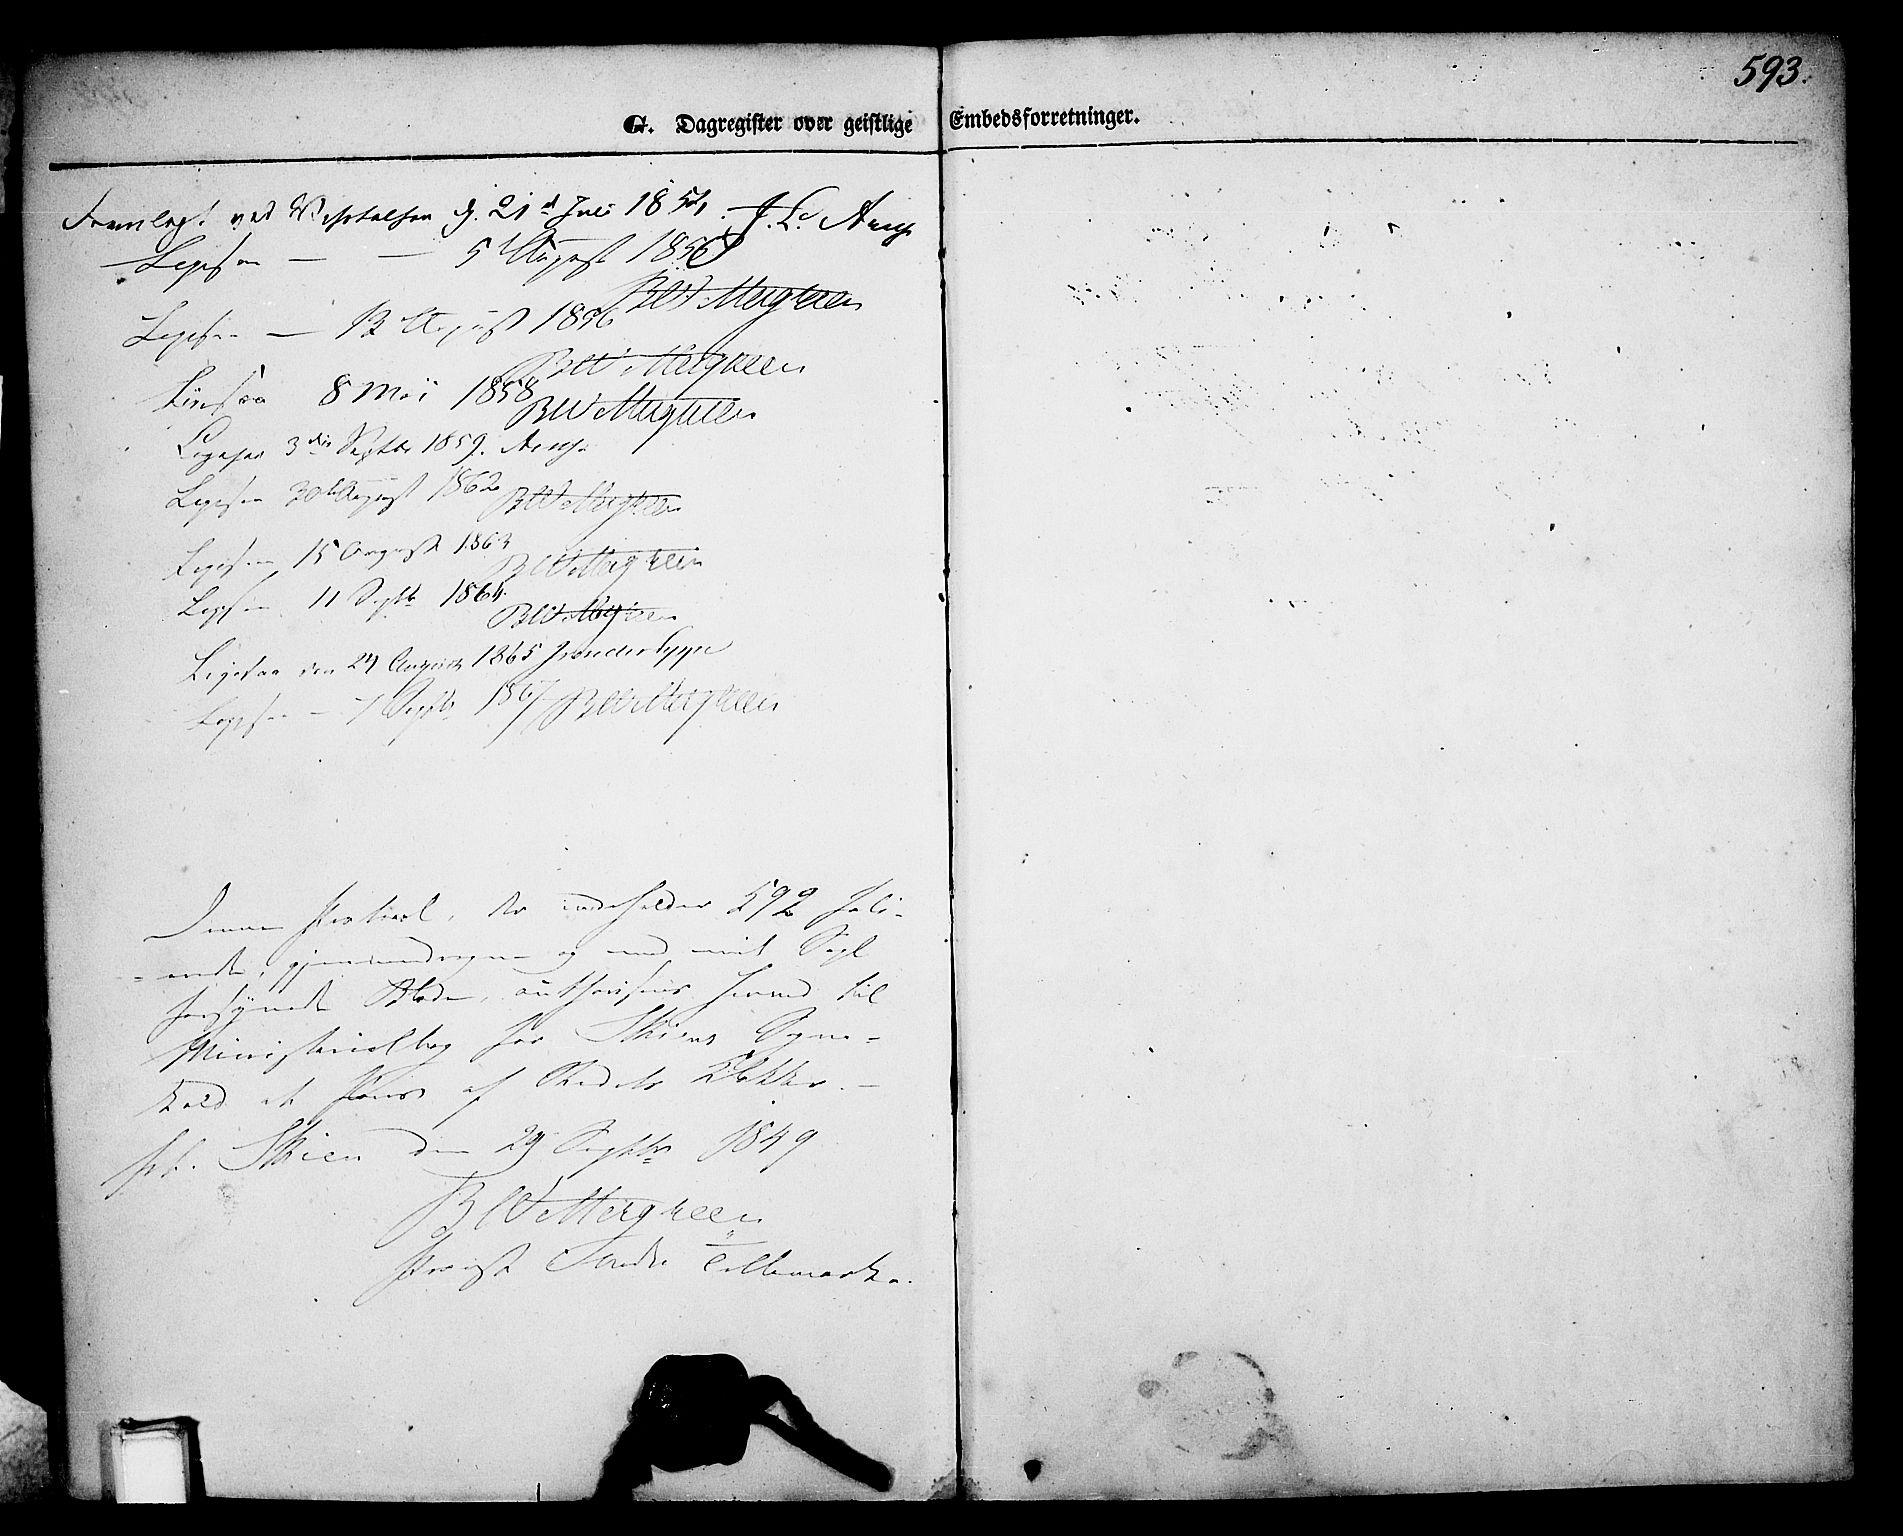 SAKO, Skien kirkebøker, G/Ga/L0004: Klokkerbok nr. 4, 1843-1867, s. 593